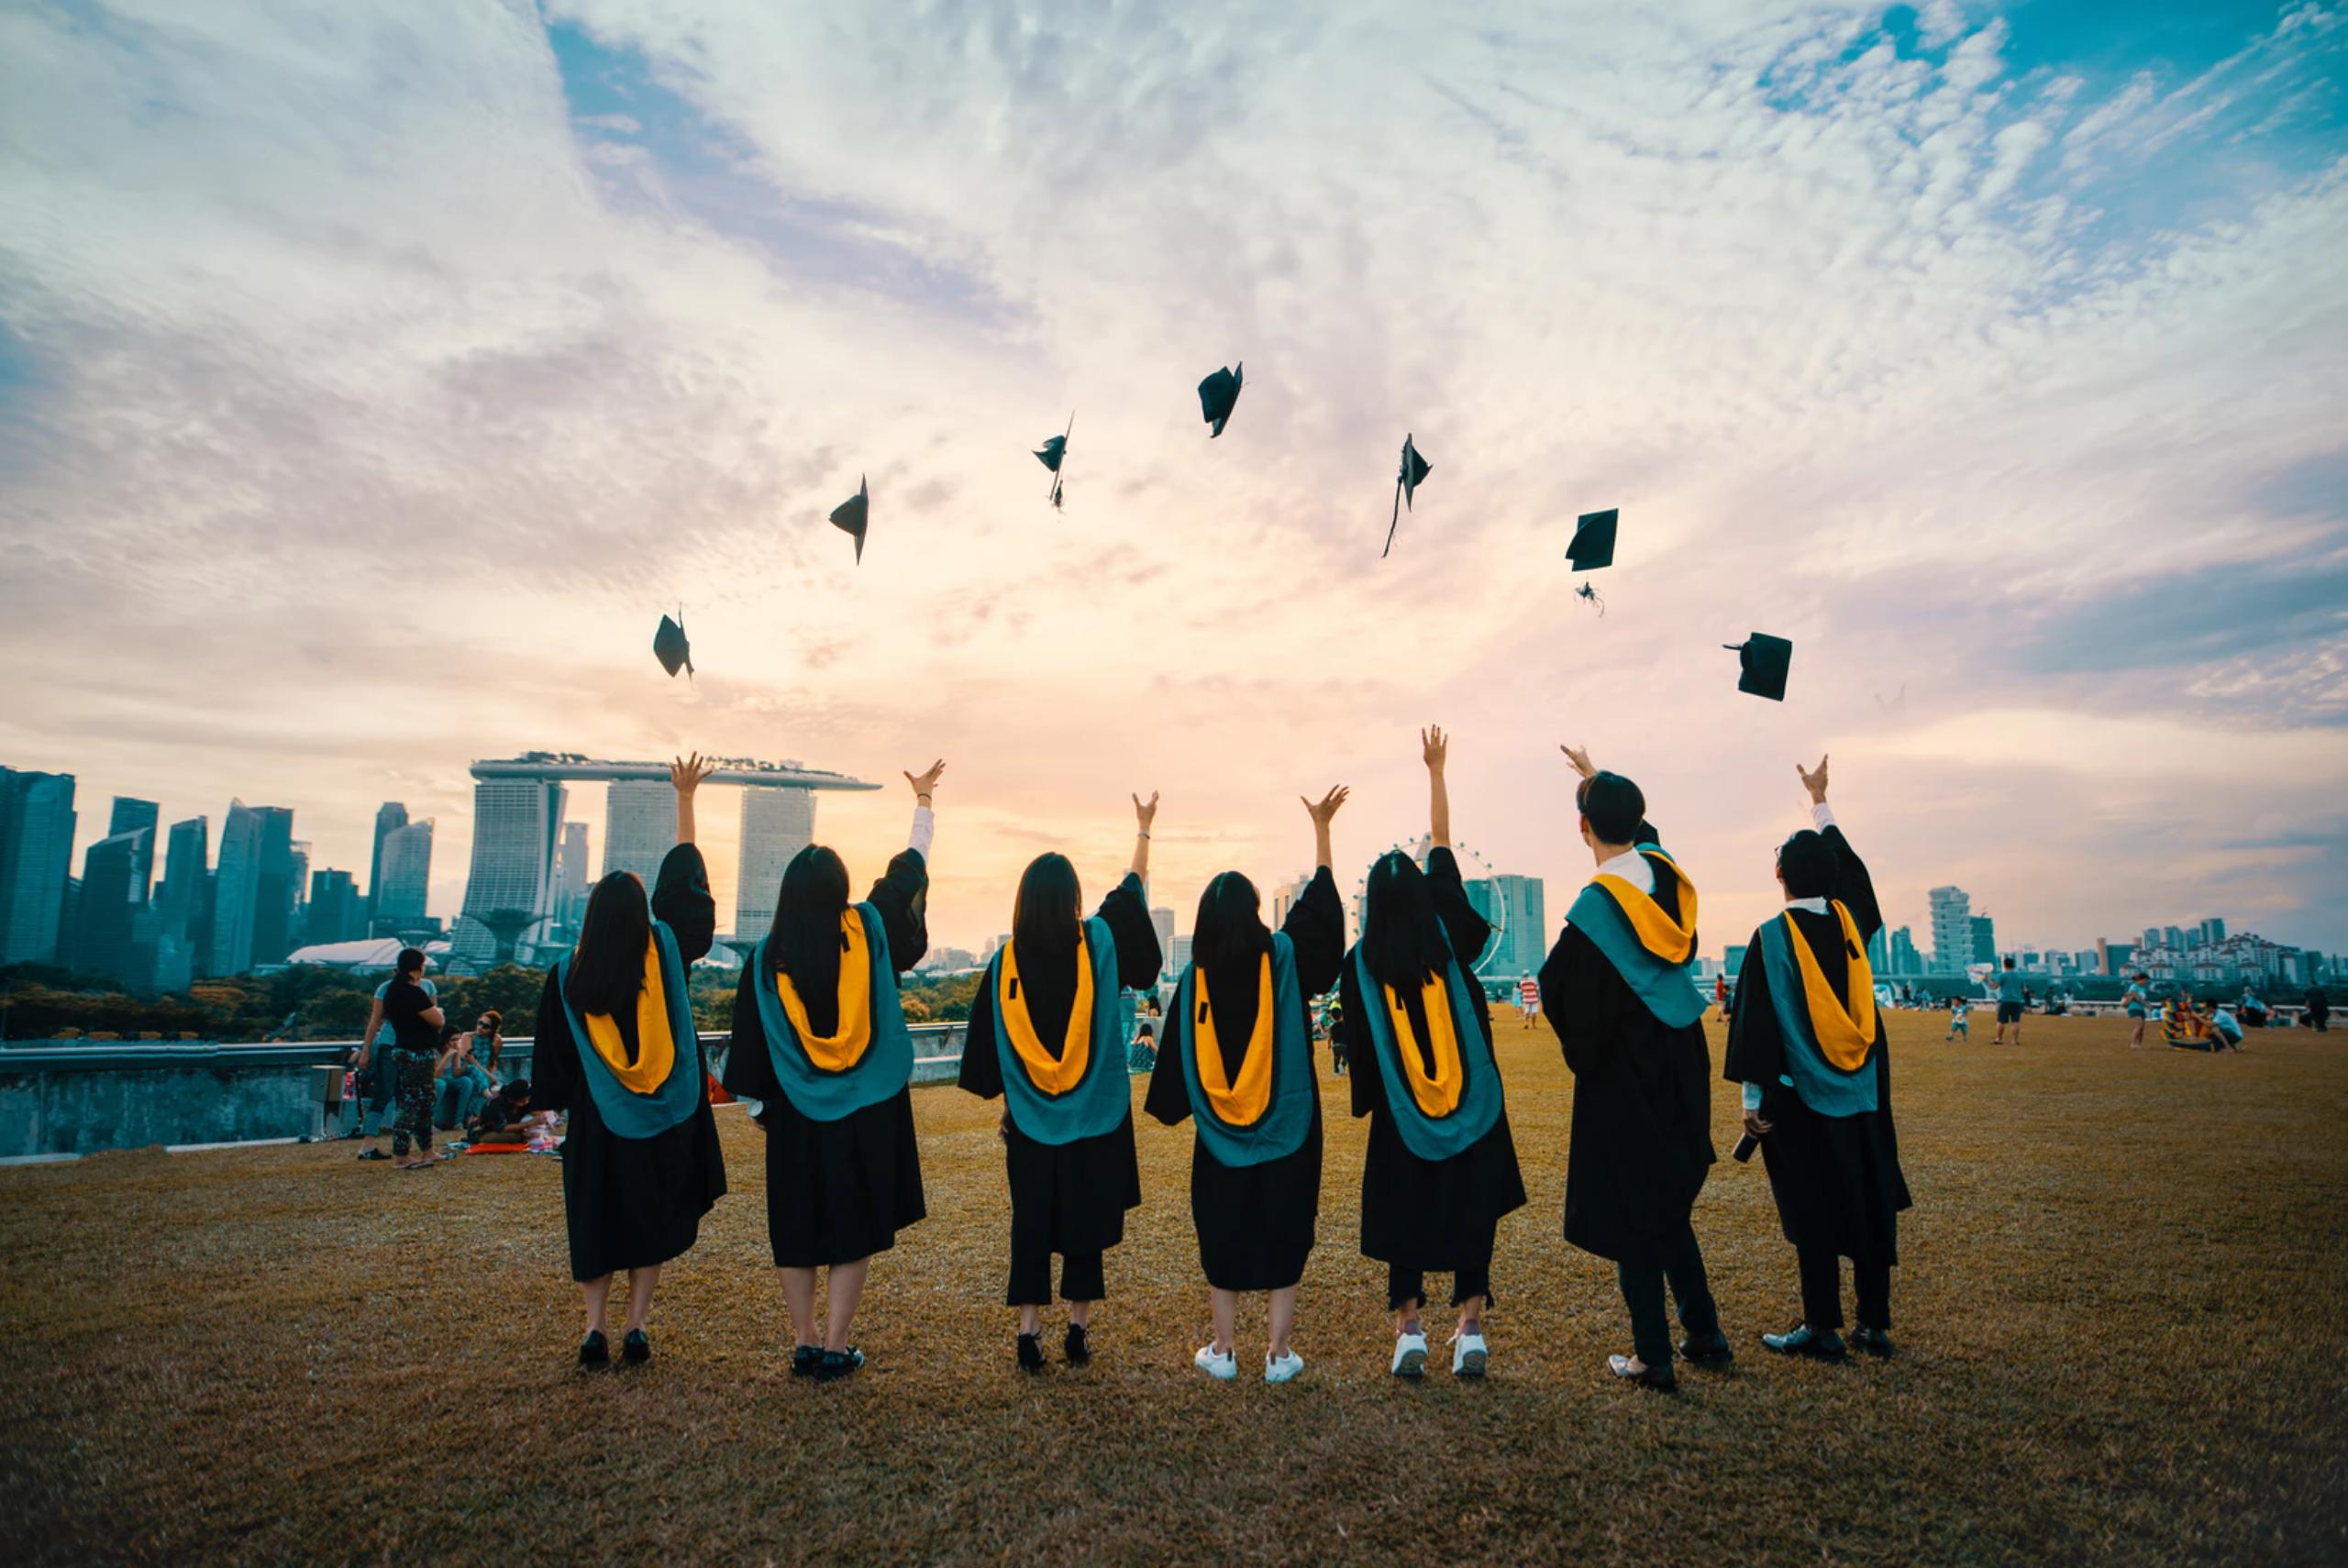 singapore university students graduation sunset background